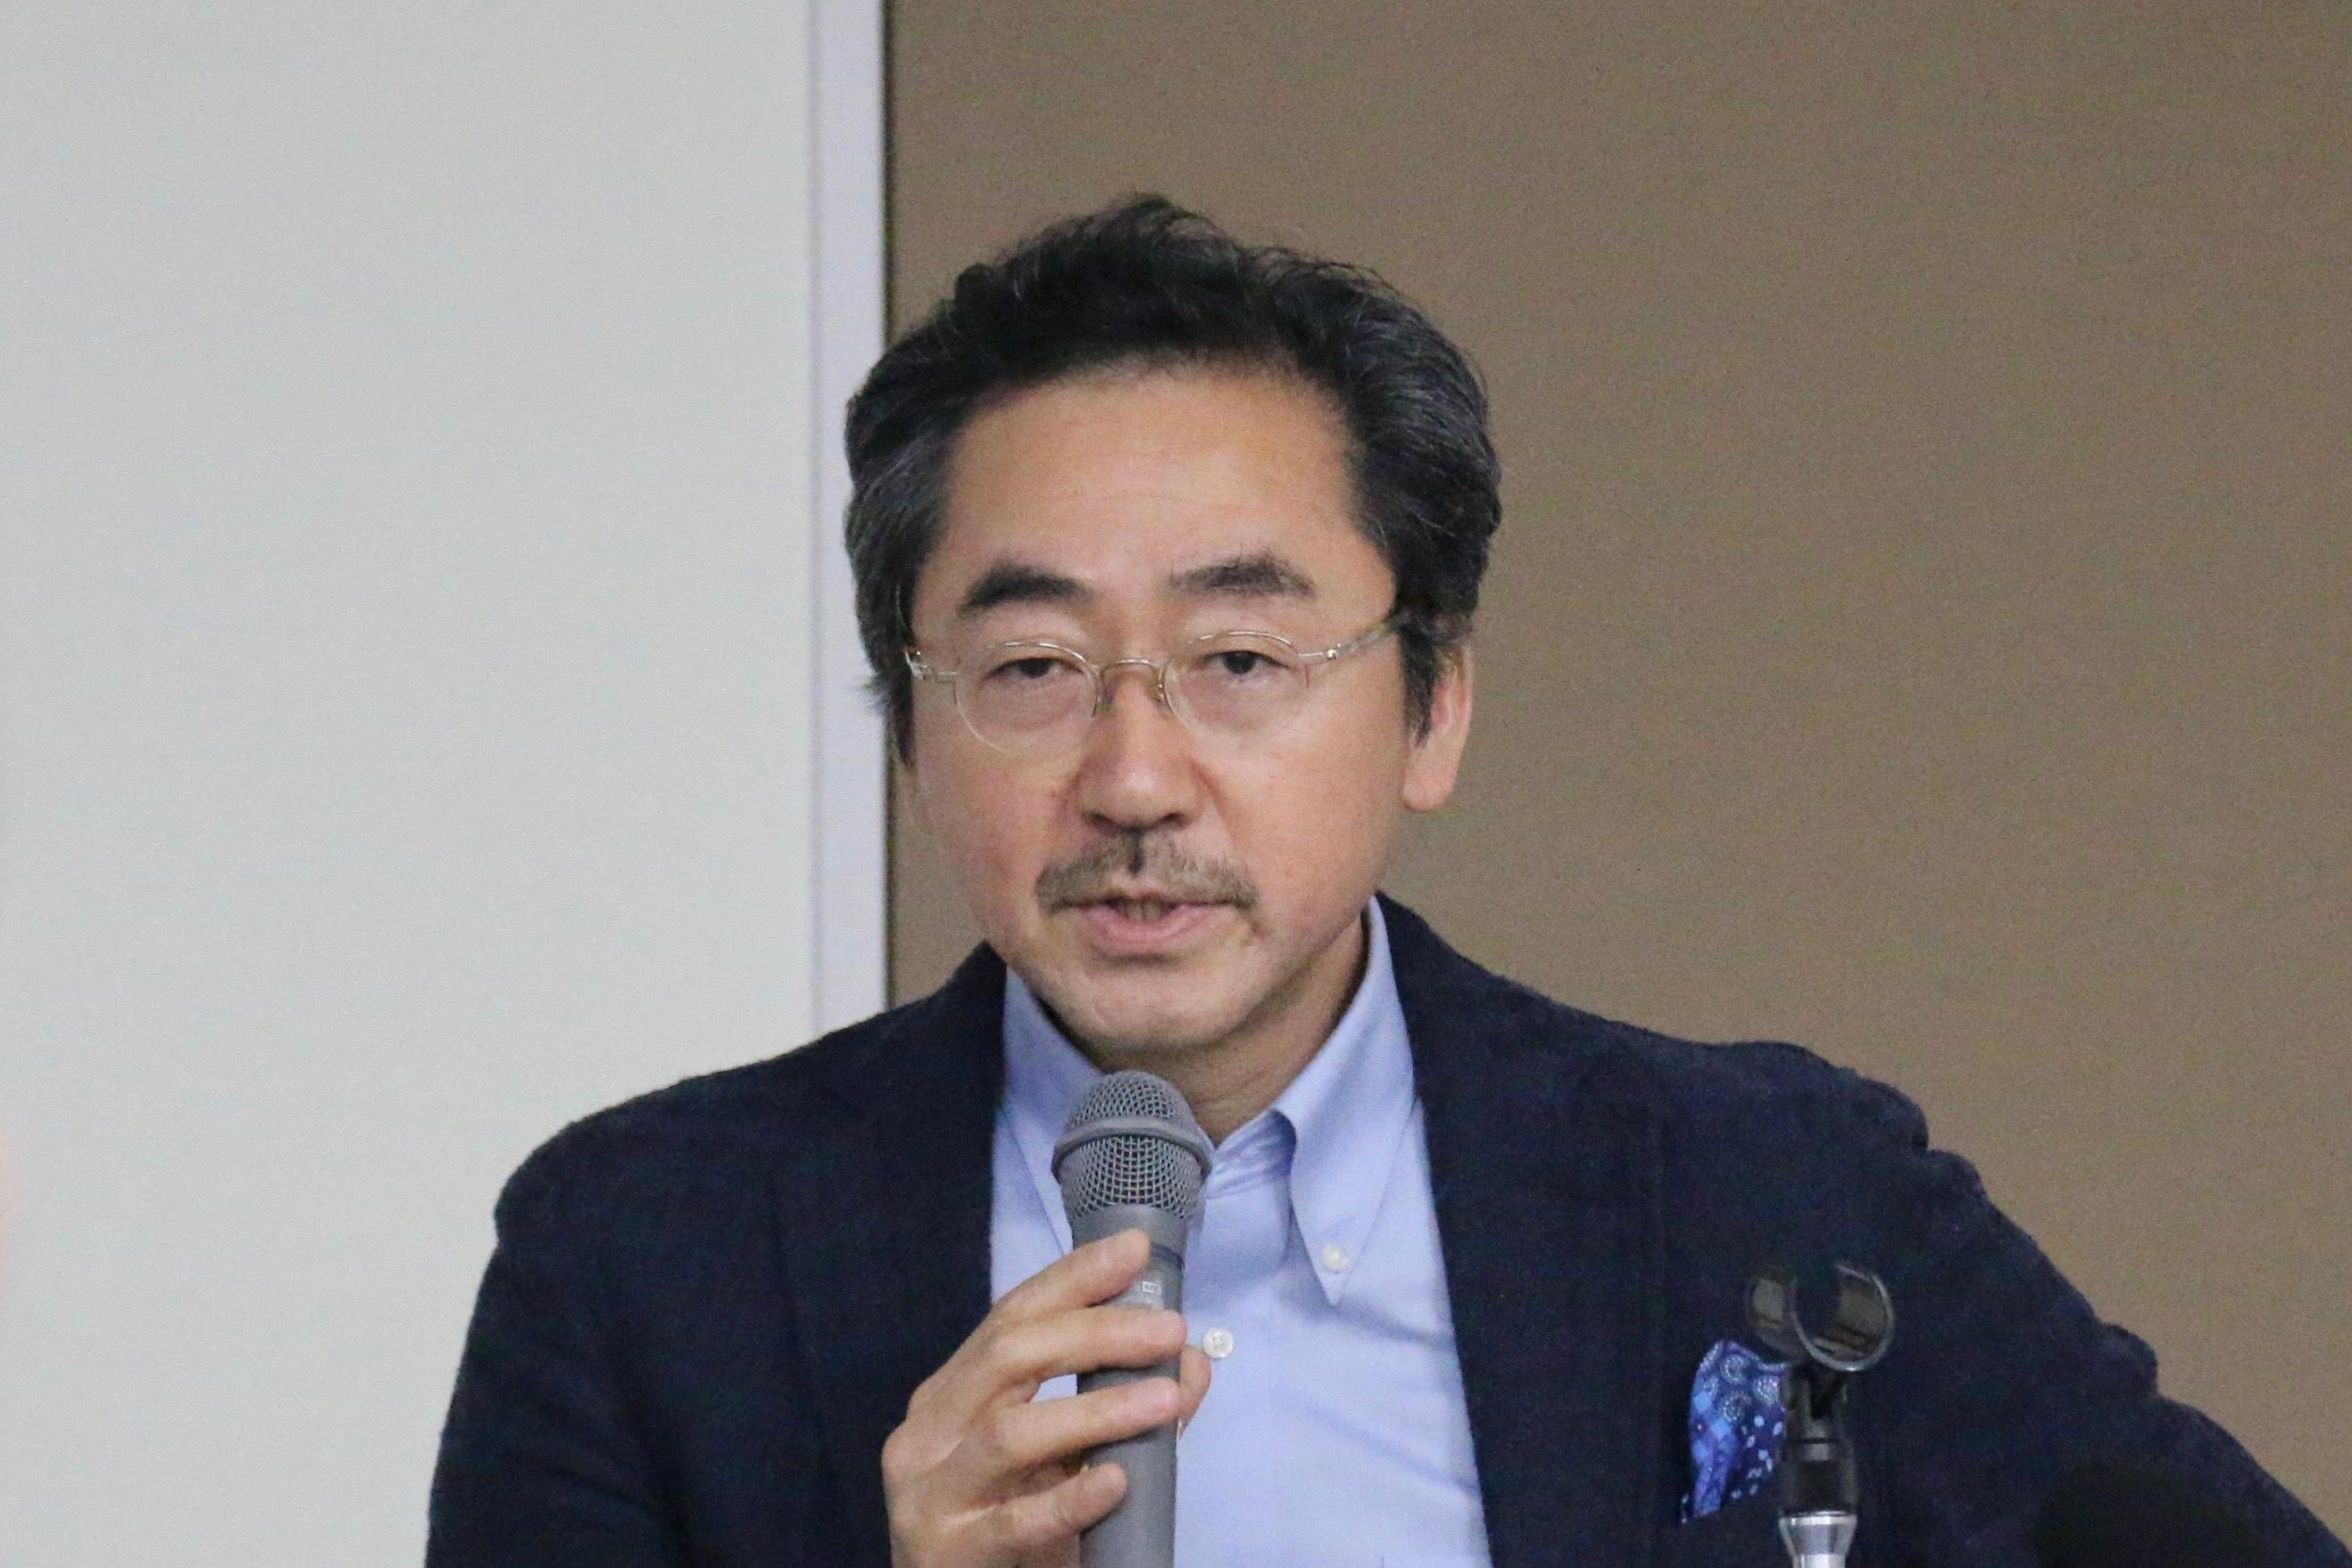 スヌーピーミュージアム館長・中山三善氏